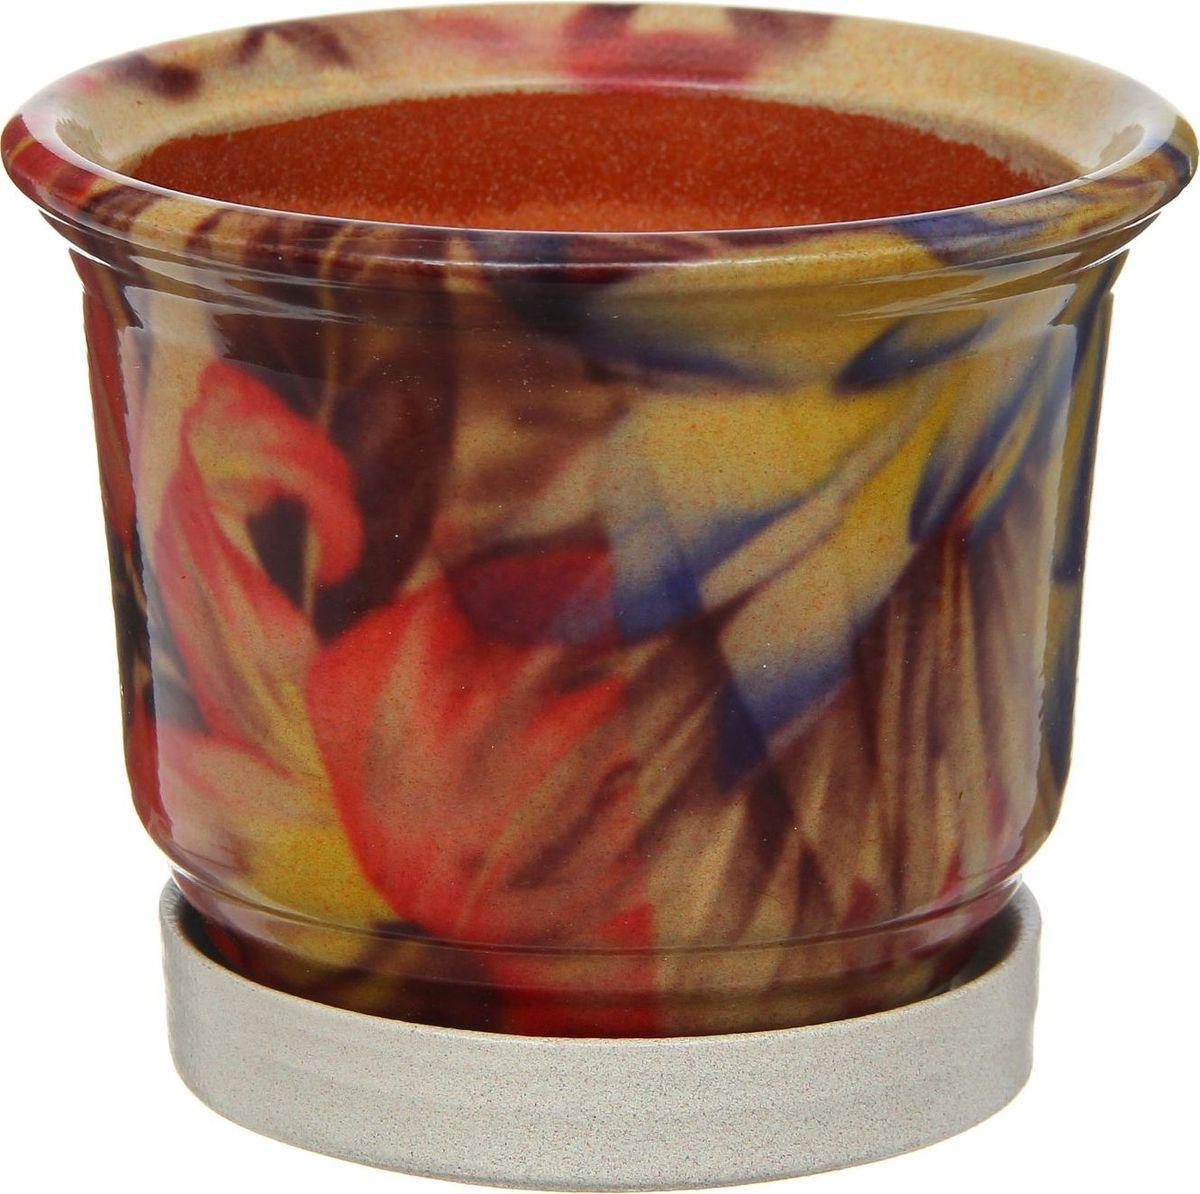 Кашпо Цветник. Лотос, 0,9 л1253868Комнатные растения — всеобщие любимцы. Они радуют глаз, насыщают помещение кислородом и украшают пространство. Каждому из них необходим свой удобный и красивый дом. Кашпо из керамики прекрасно подходят для высадки растений: за счет пластичности глины и разных способов обработки существует великое множество форм и дизайнов пористый материал позволяет испаряться лишней влаге воздух, необходимый для дыхания корней, проникает сквозь керамические стенки! позаботится о зеленом питомце, освежит интерьер и подчеркнет его стиль.